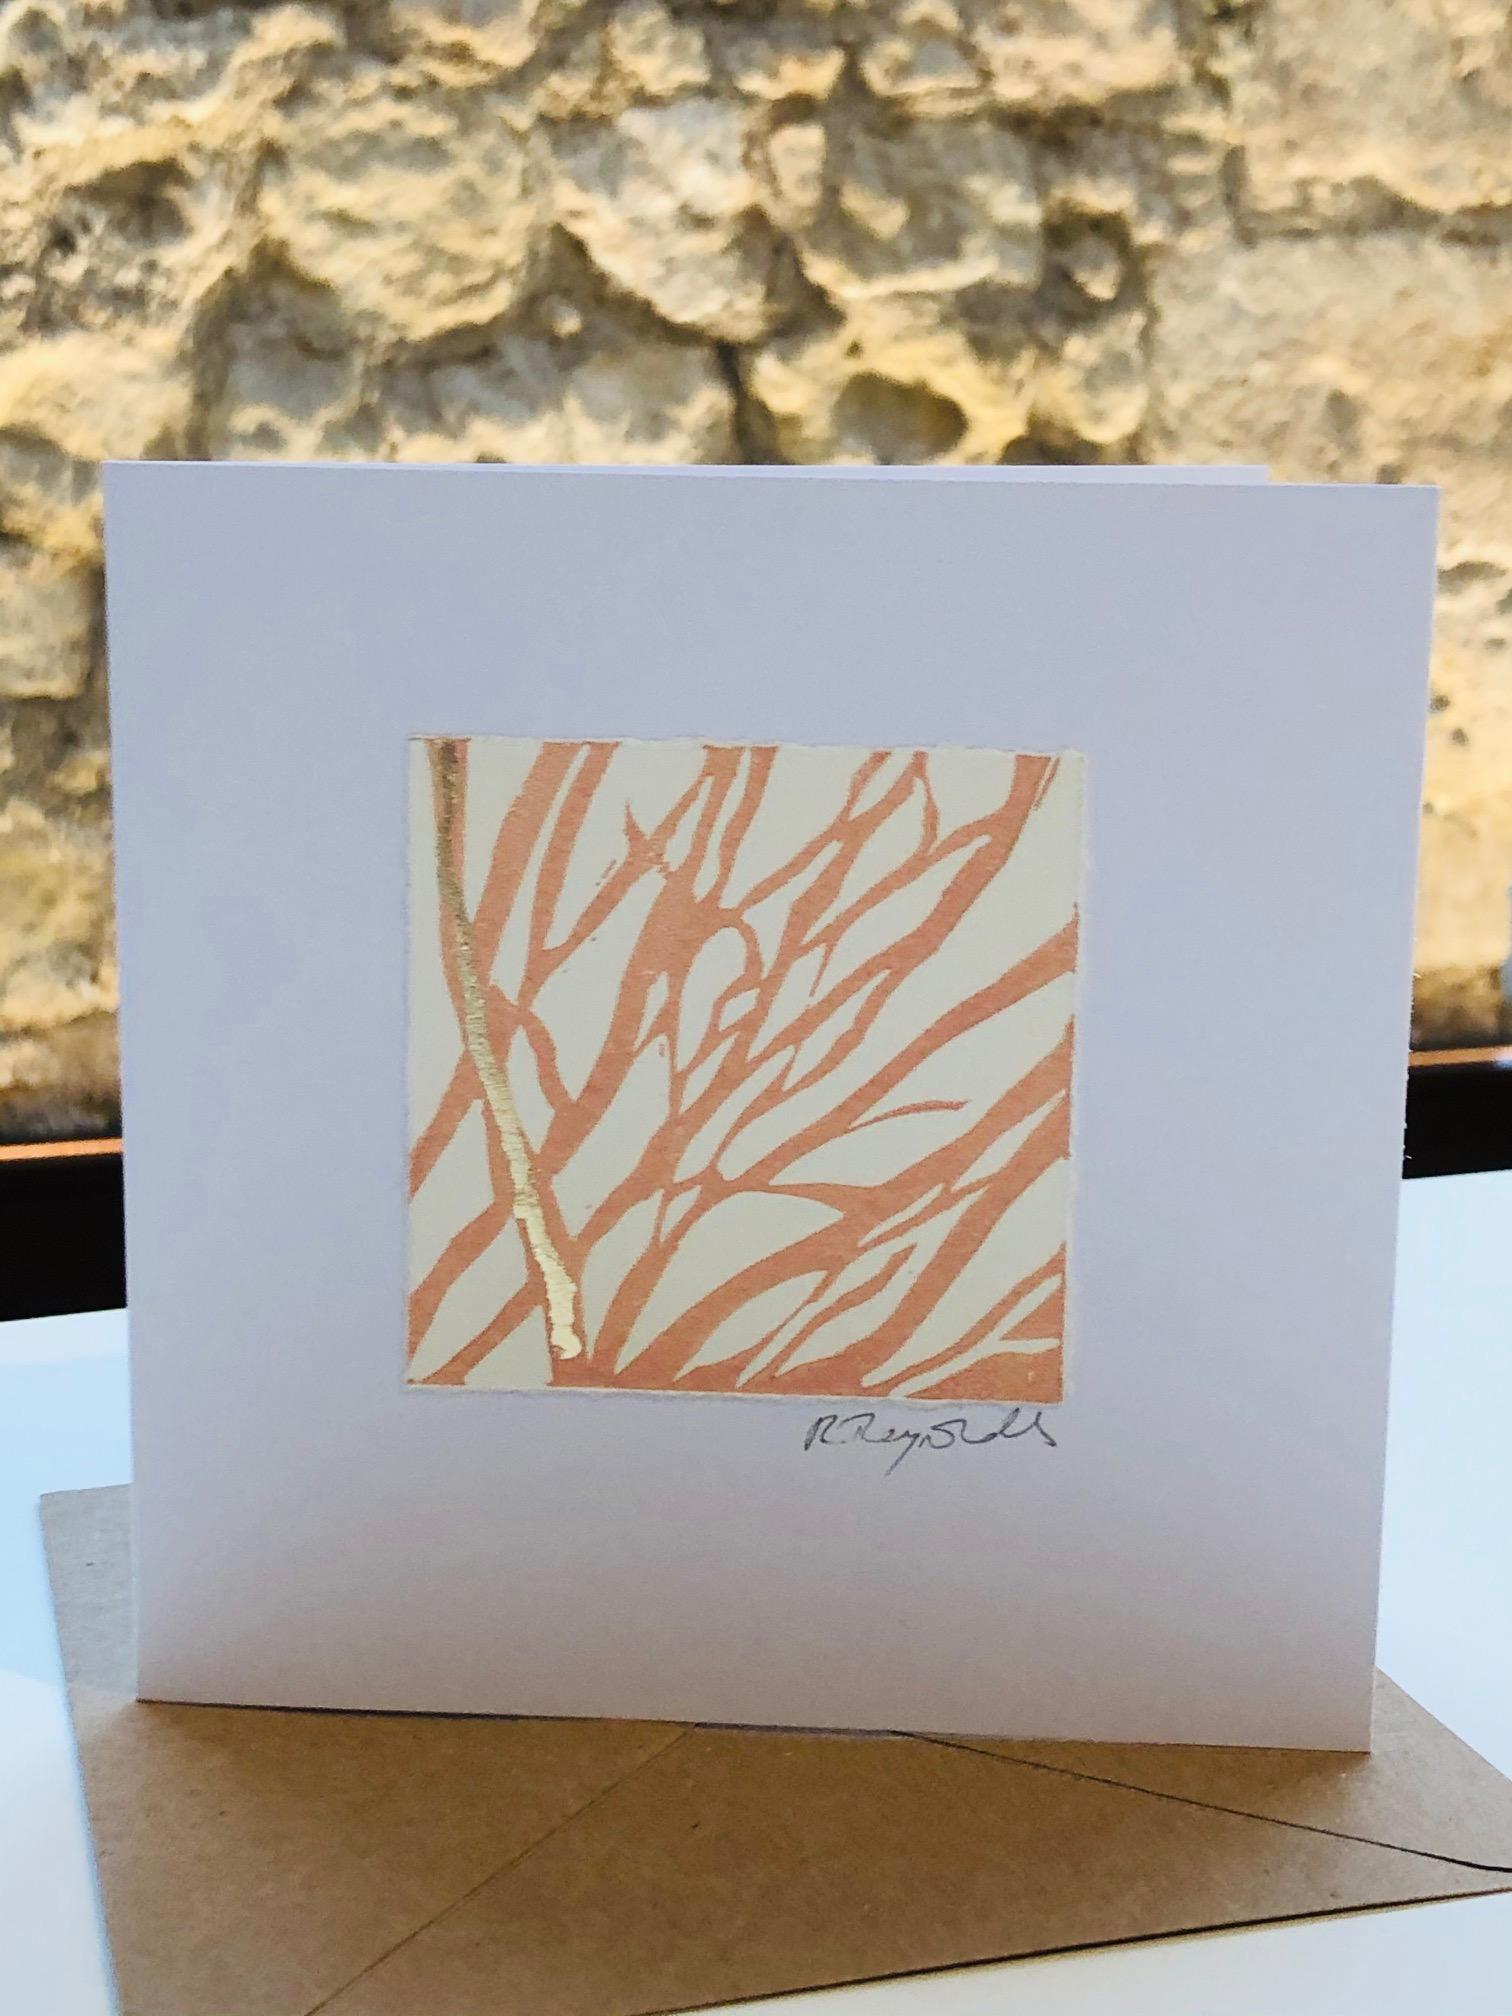 Handprinted Lino Cut Greetings Card by Rachel Reynolds